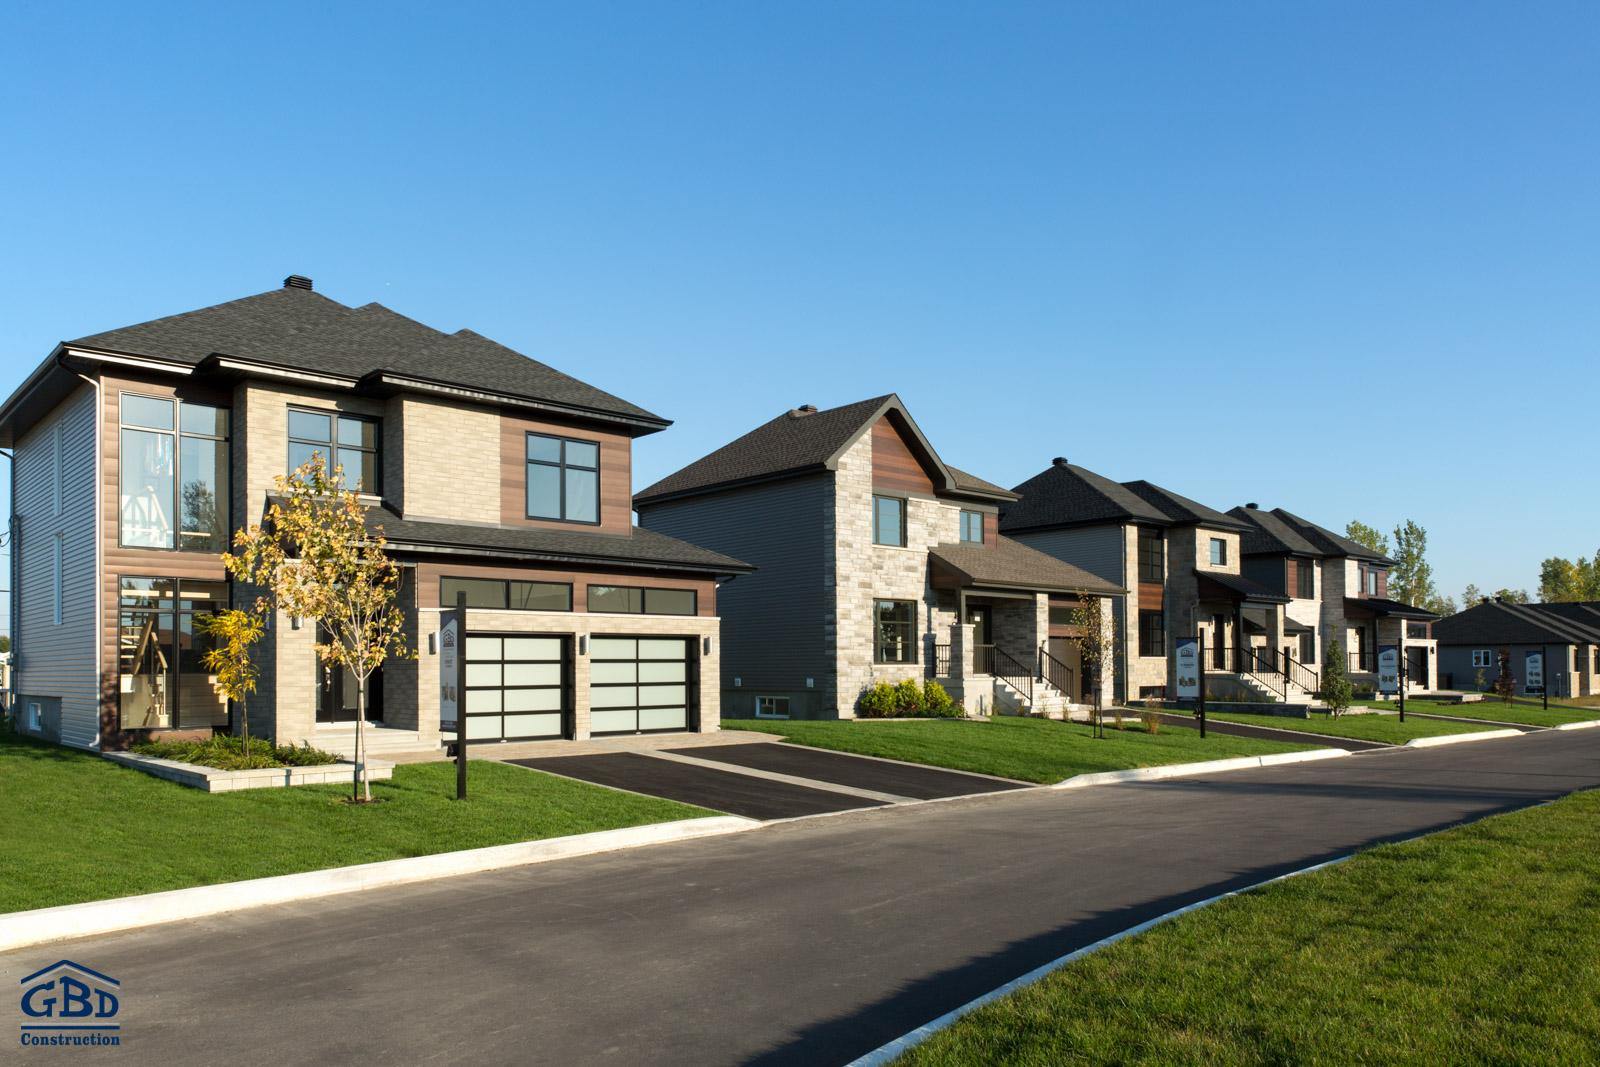 le faubourg ste marthe projet domiciliaire sainte marthe sur le lac gbd construction. Black Bedroom Furniture Sets. Home Design Ideas